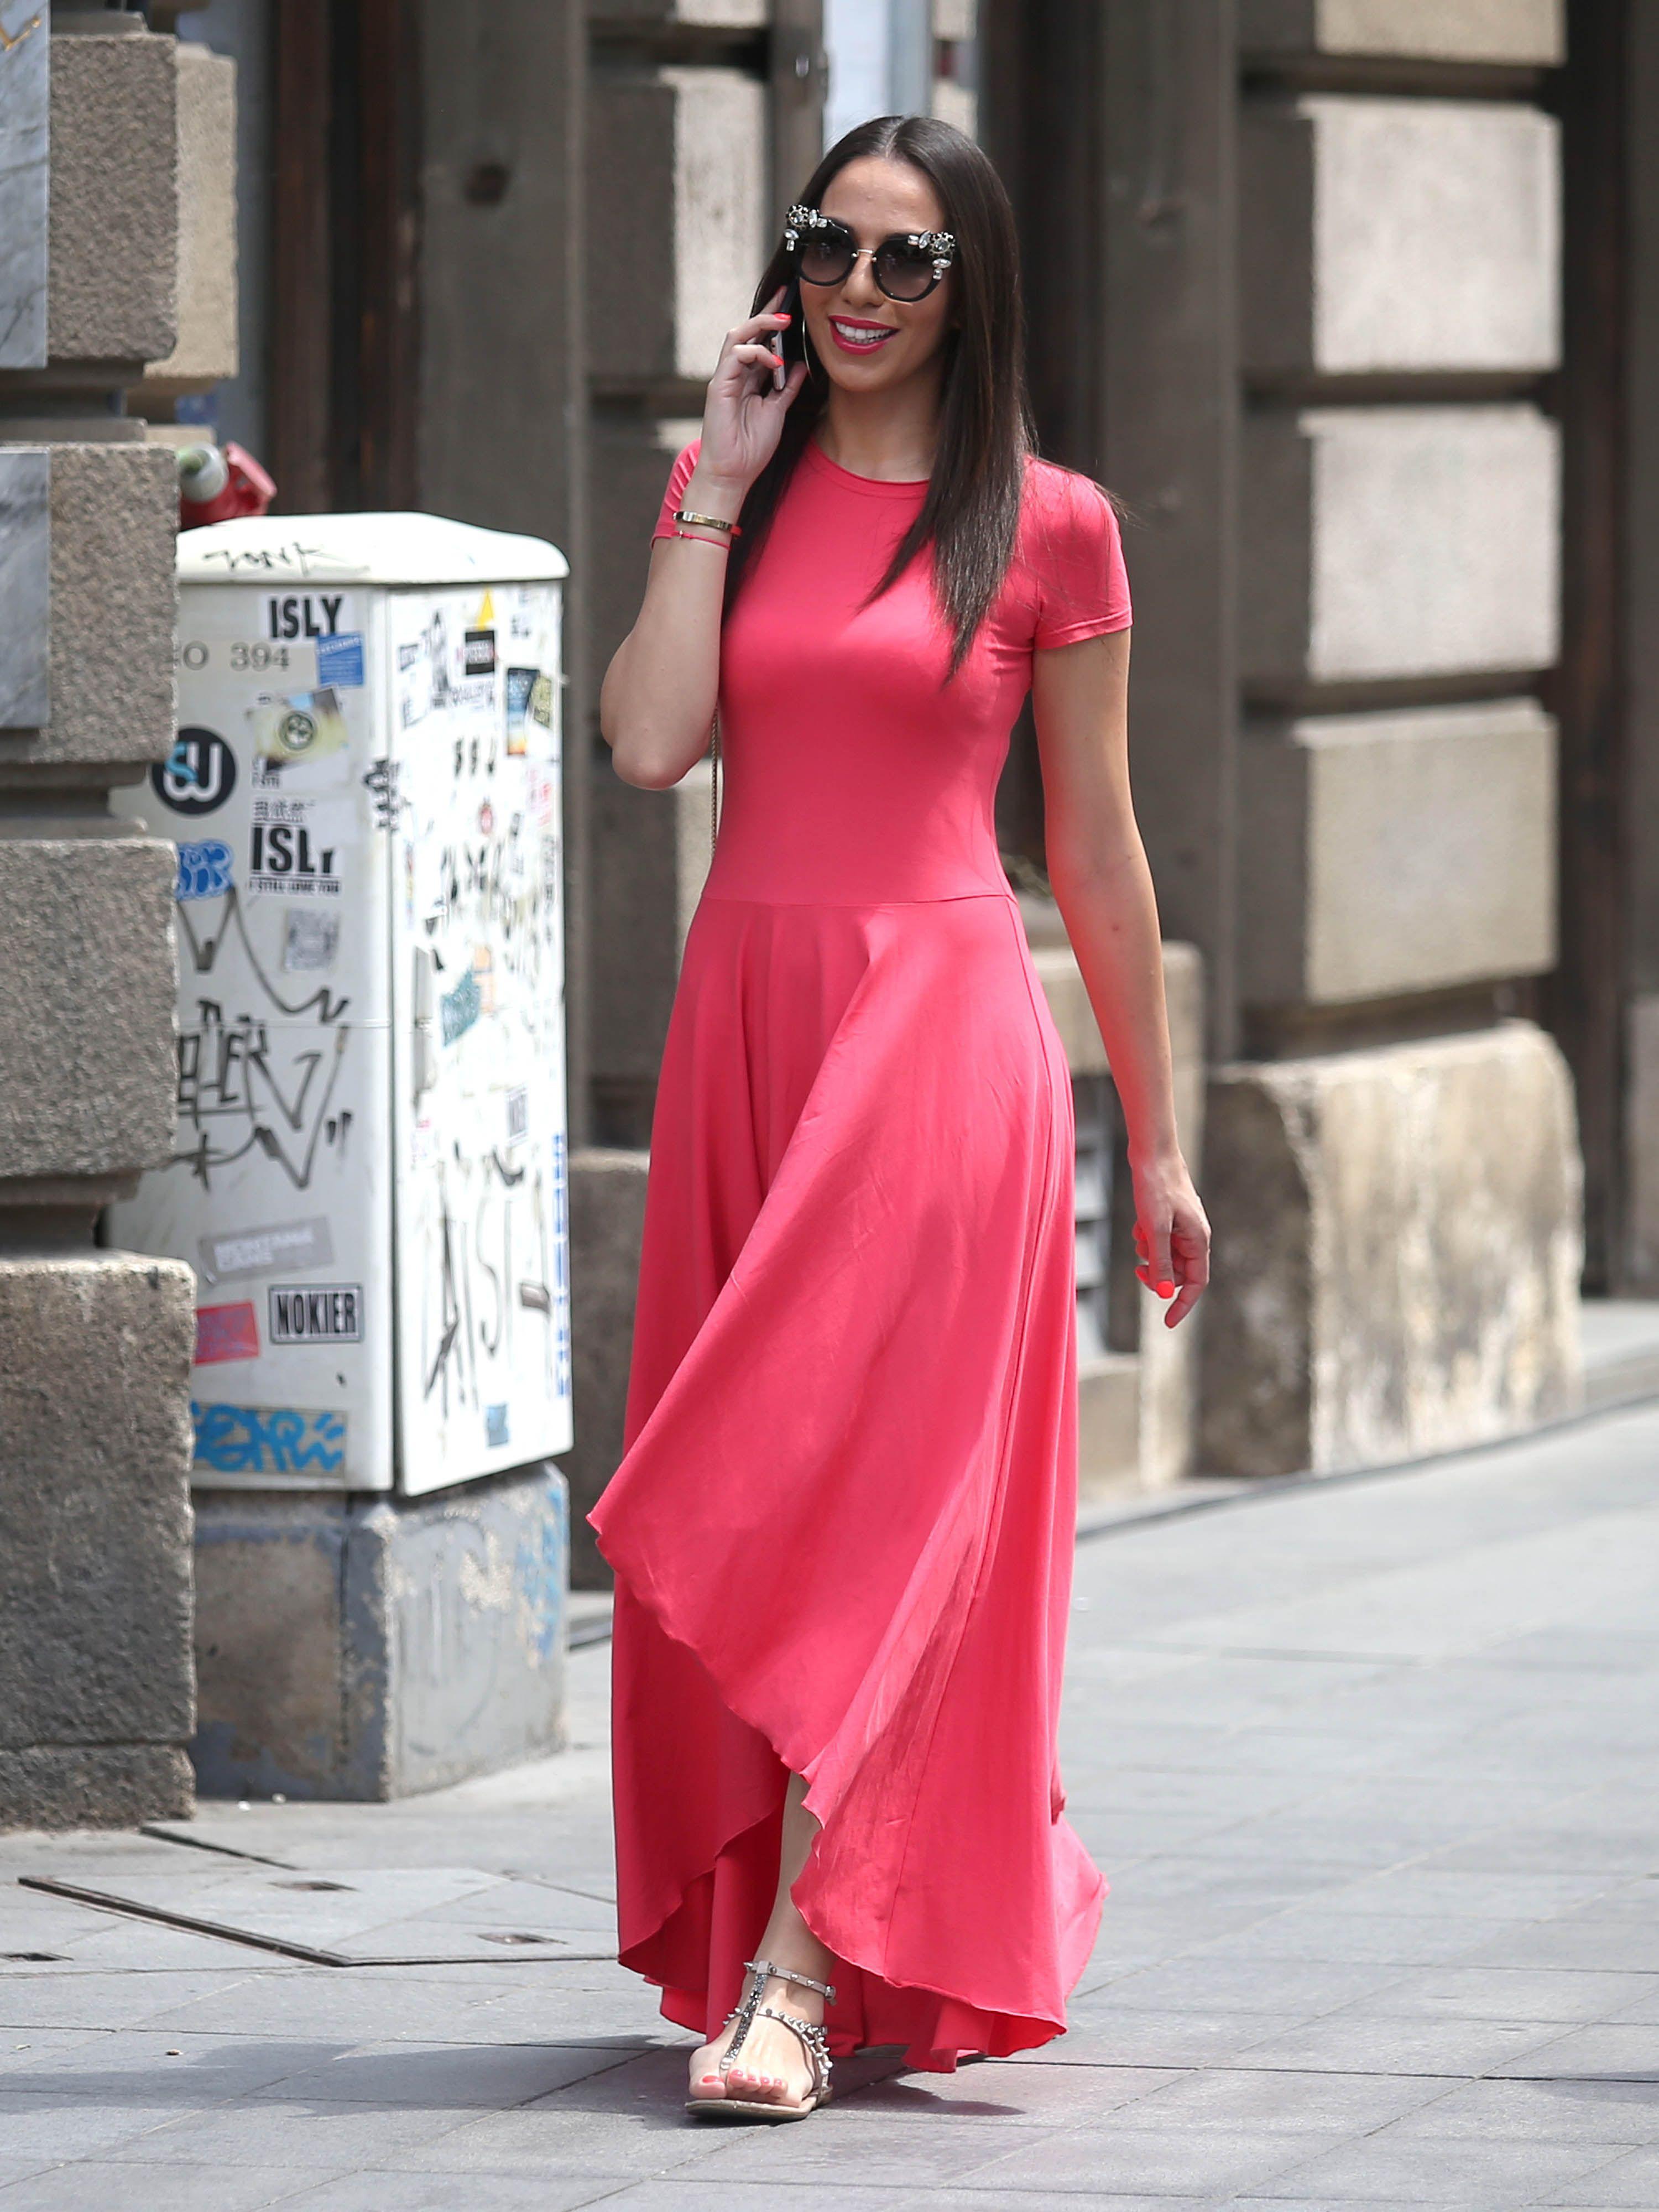 Zanosna brineta u upečatljivoj haljini pokazala odličnu figuru i osvojila divnim osmijehom